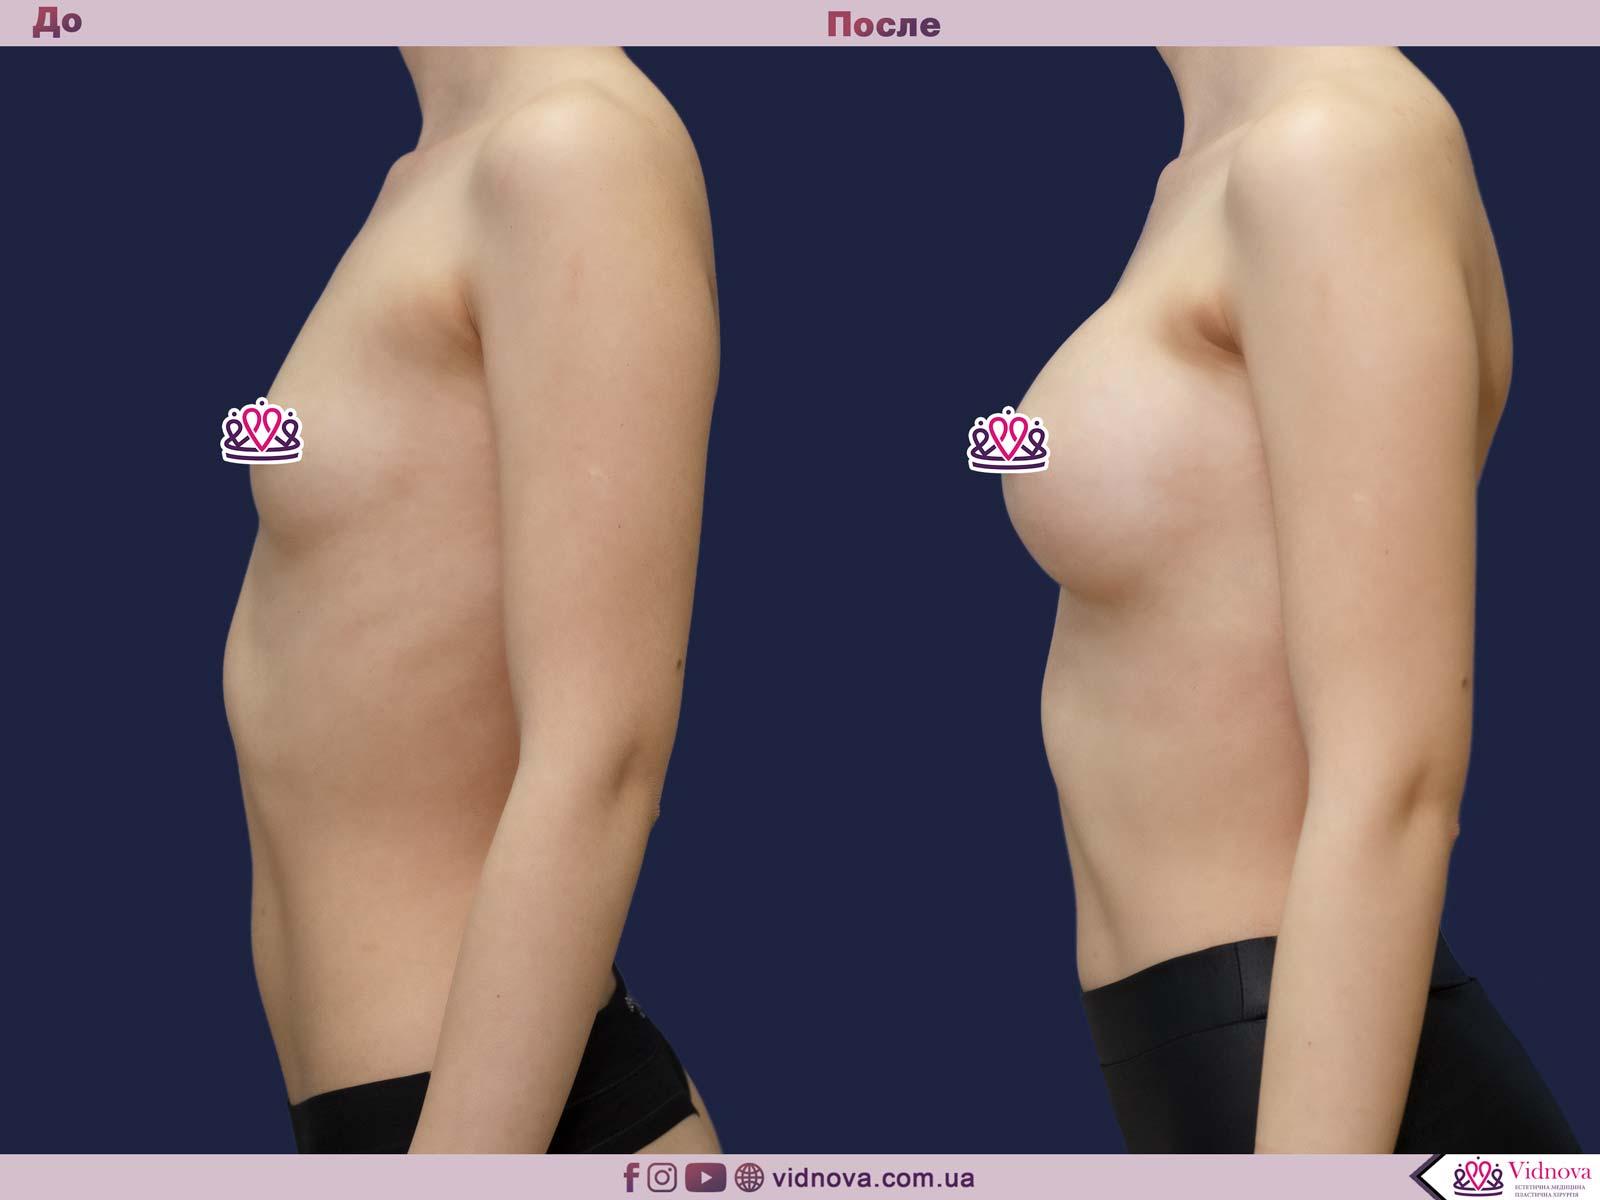 Пластика груди: результаты до и после - Пример №26-2 - Светлана Работенко